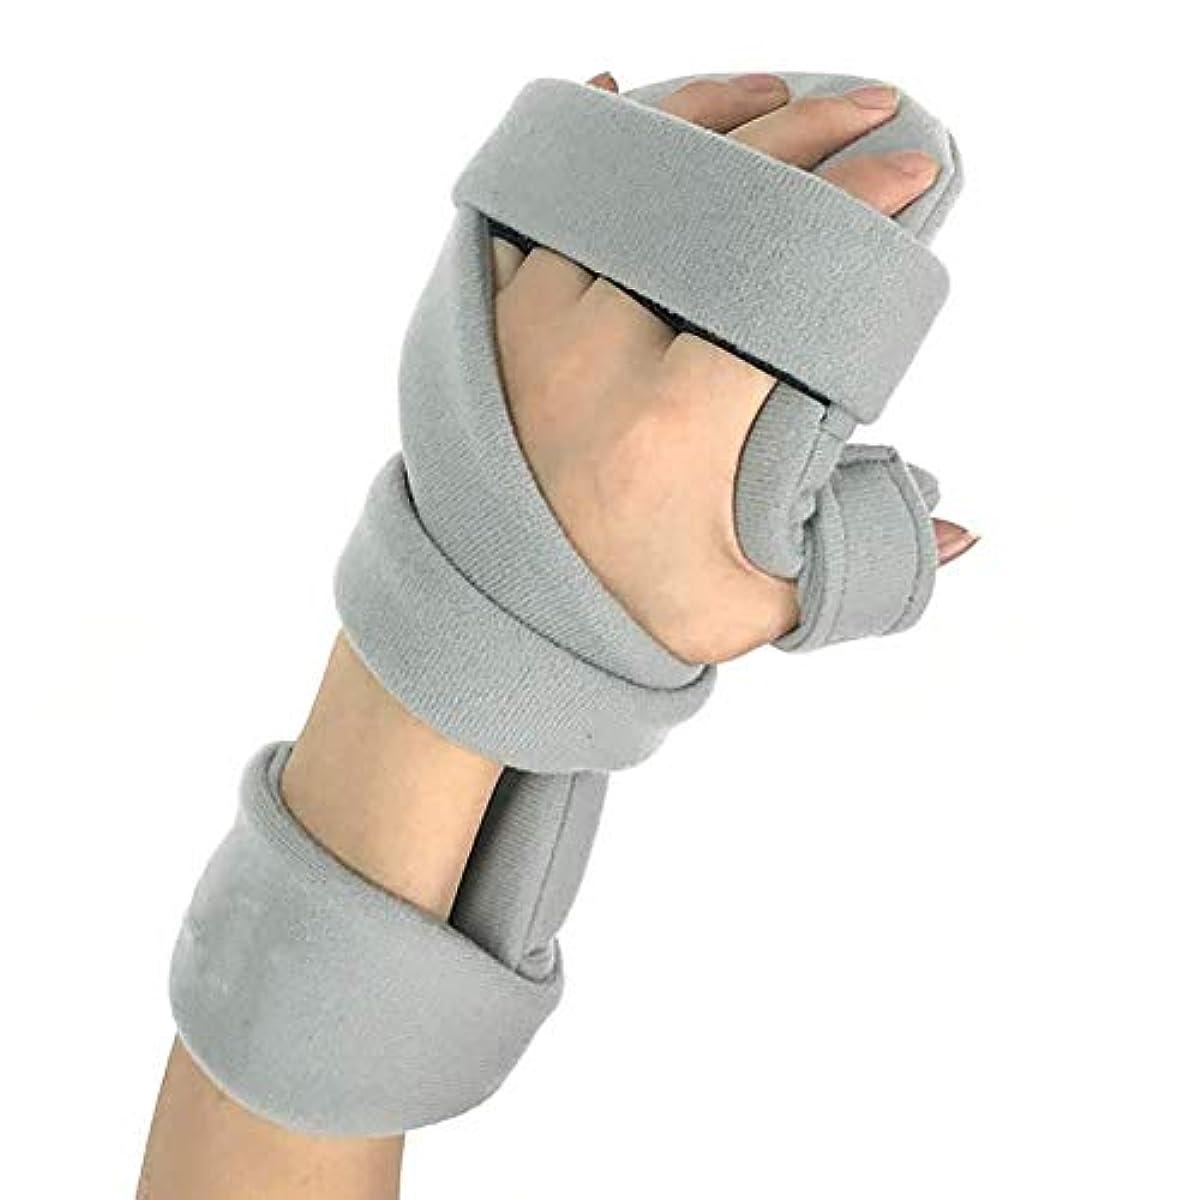 可動息を切らしてじゃないトリガー指副木、関節炎の手指副木用指トレーニングボード、手首の親指サポート手,RightHand